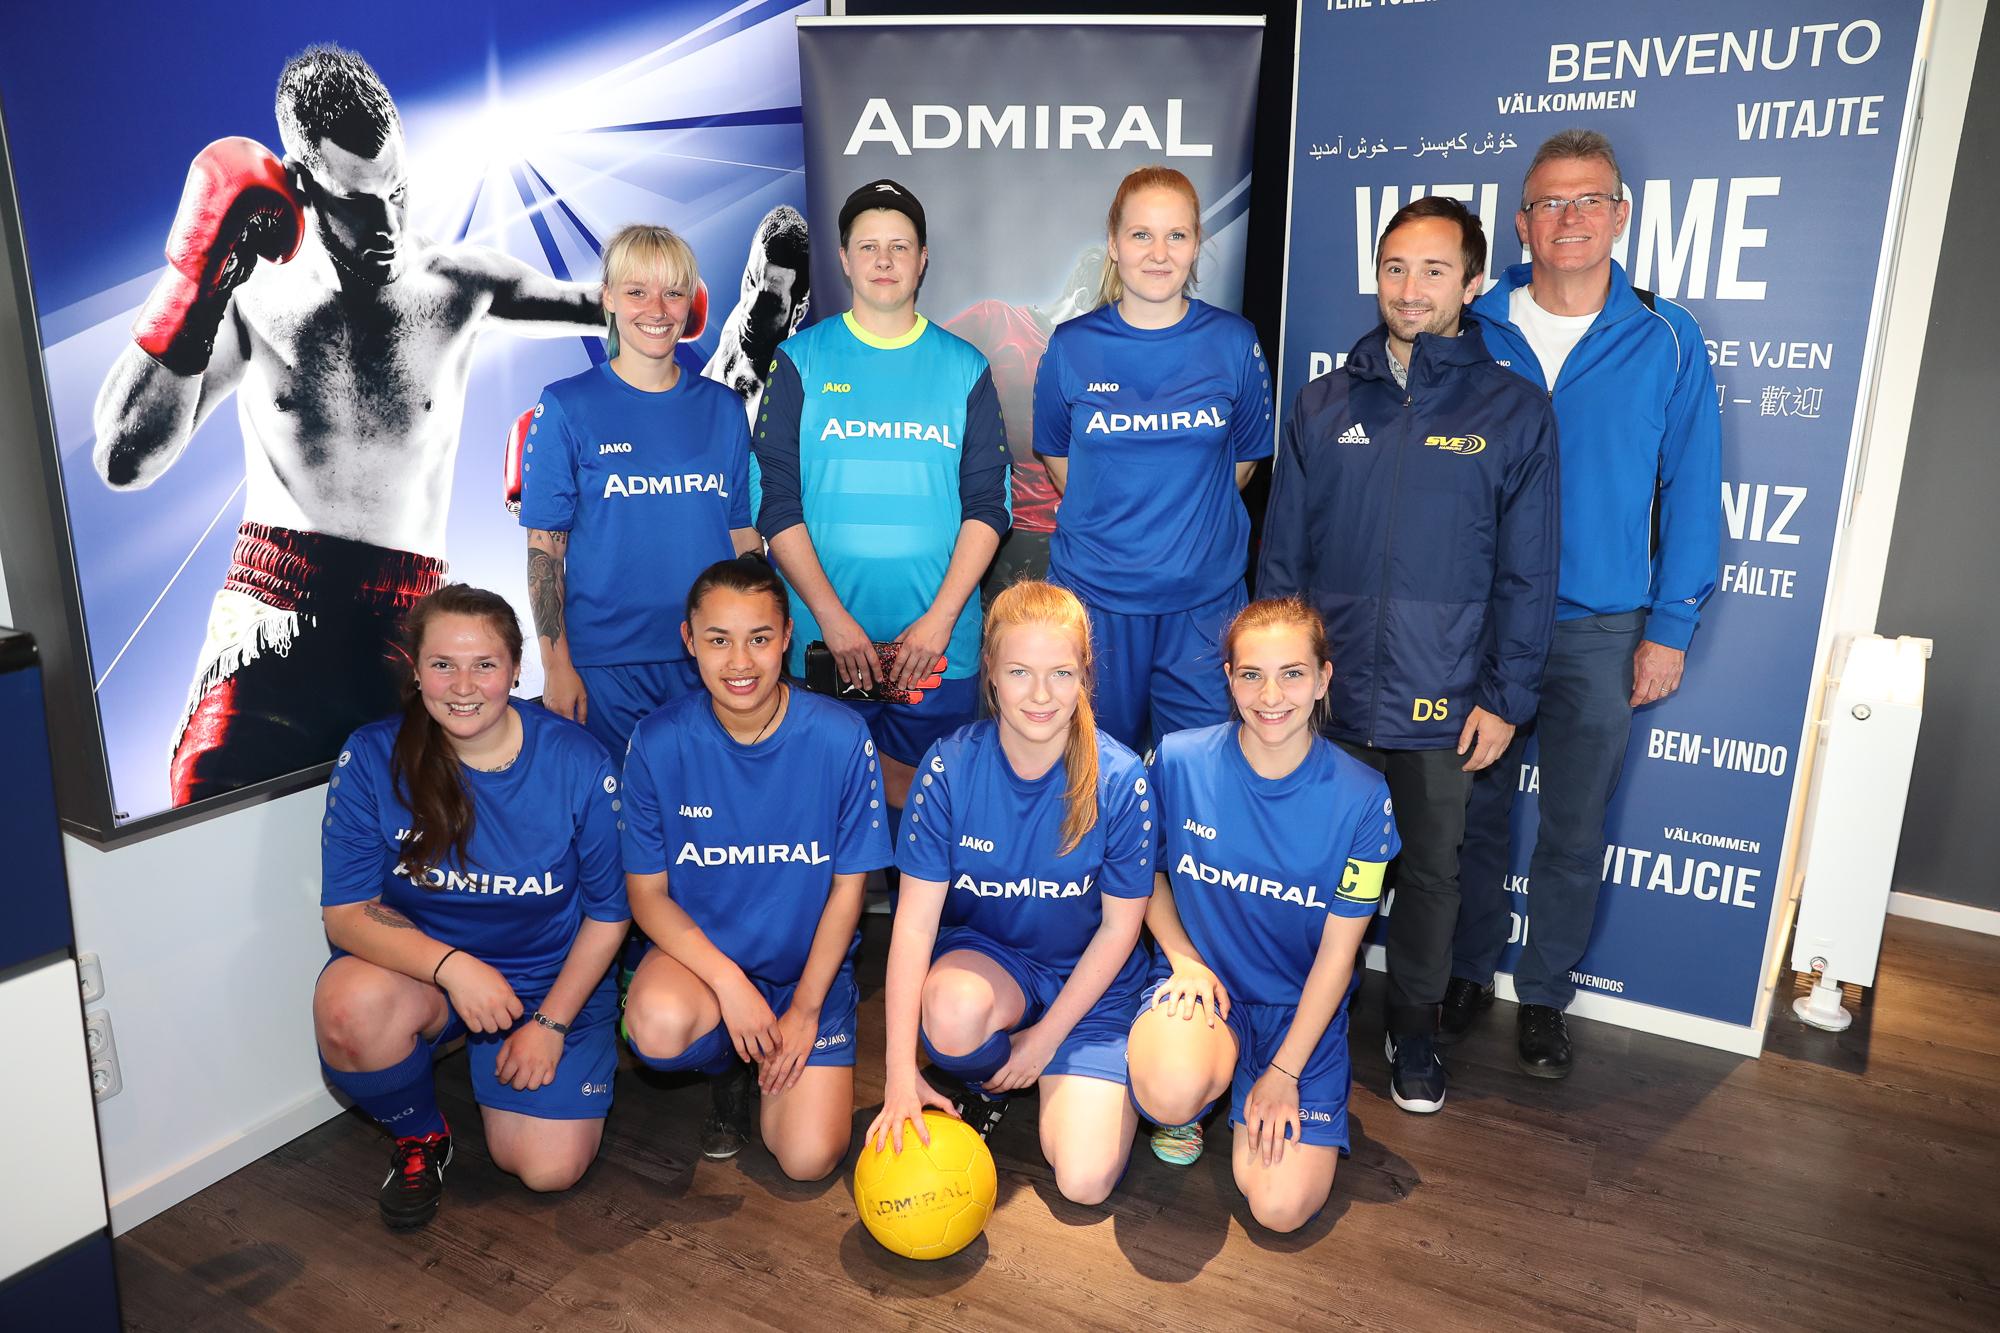 Fußball-Frauen haben mit Vorbereitung begonnen